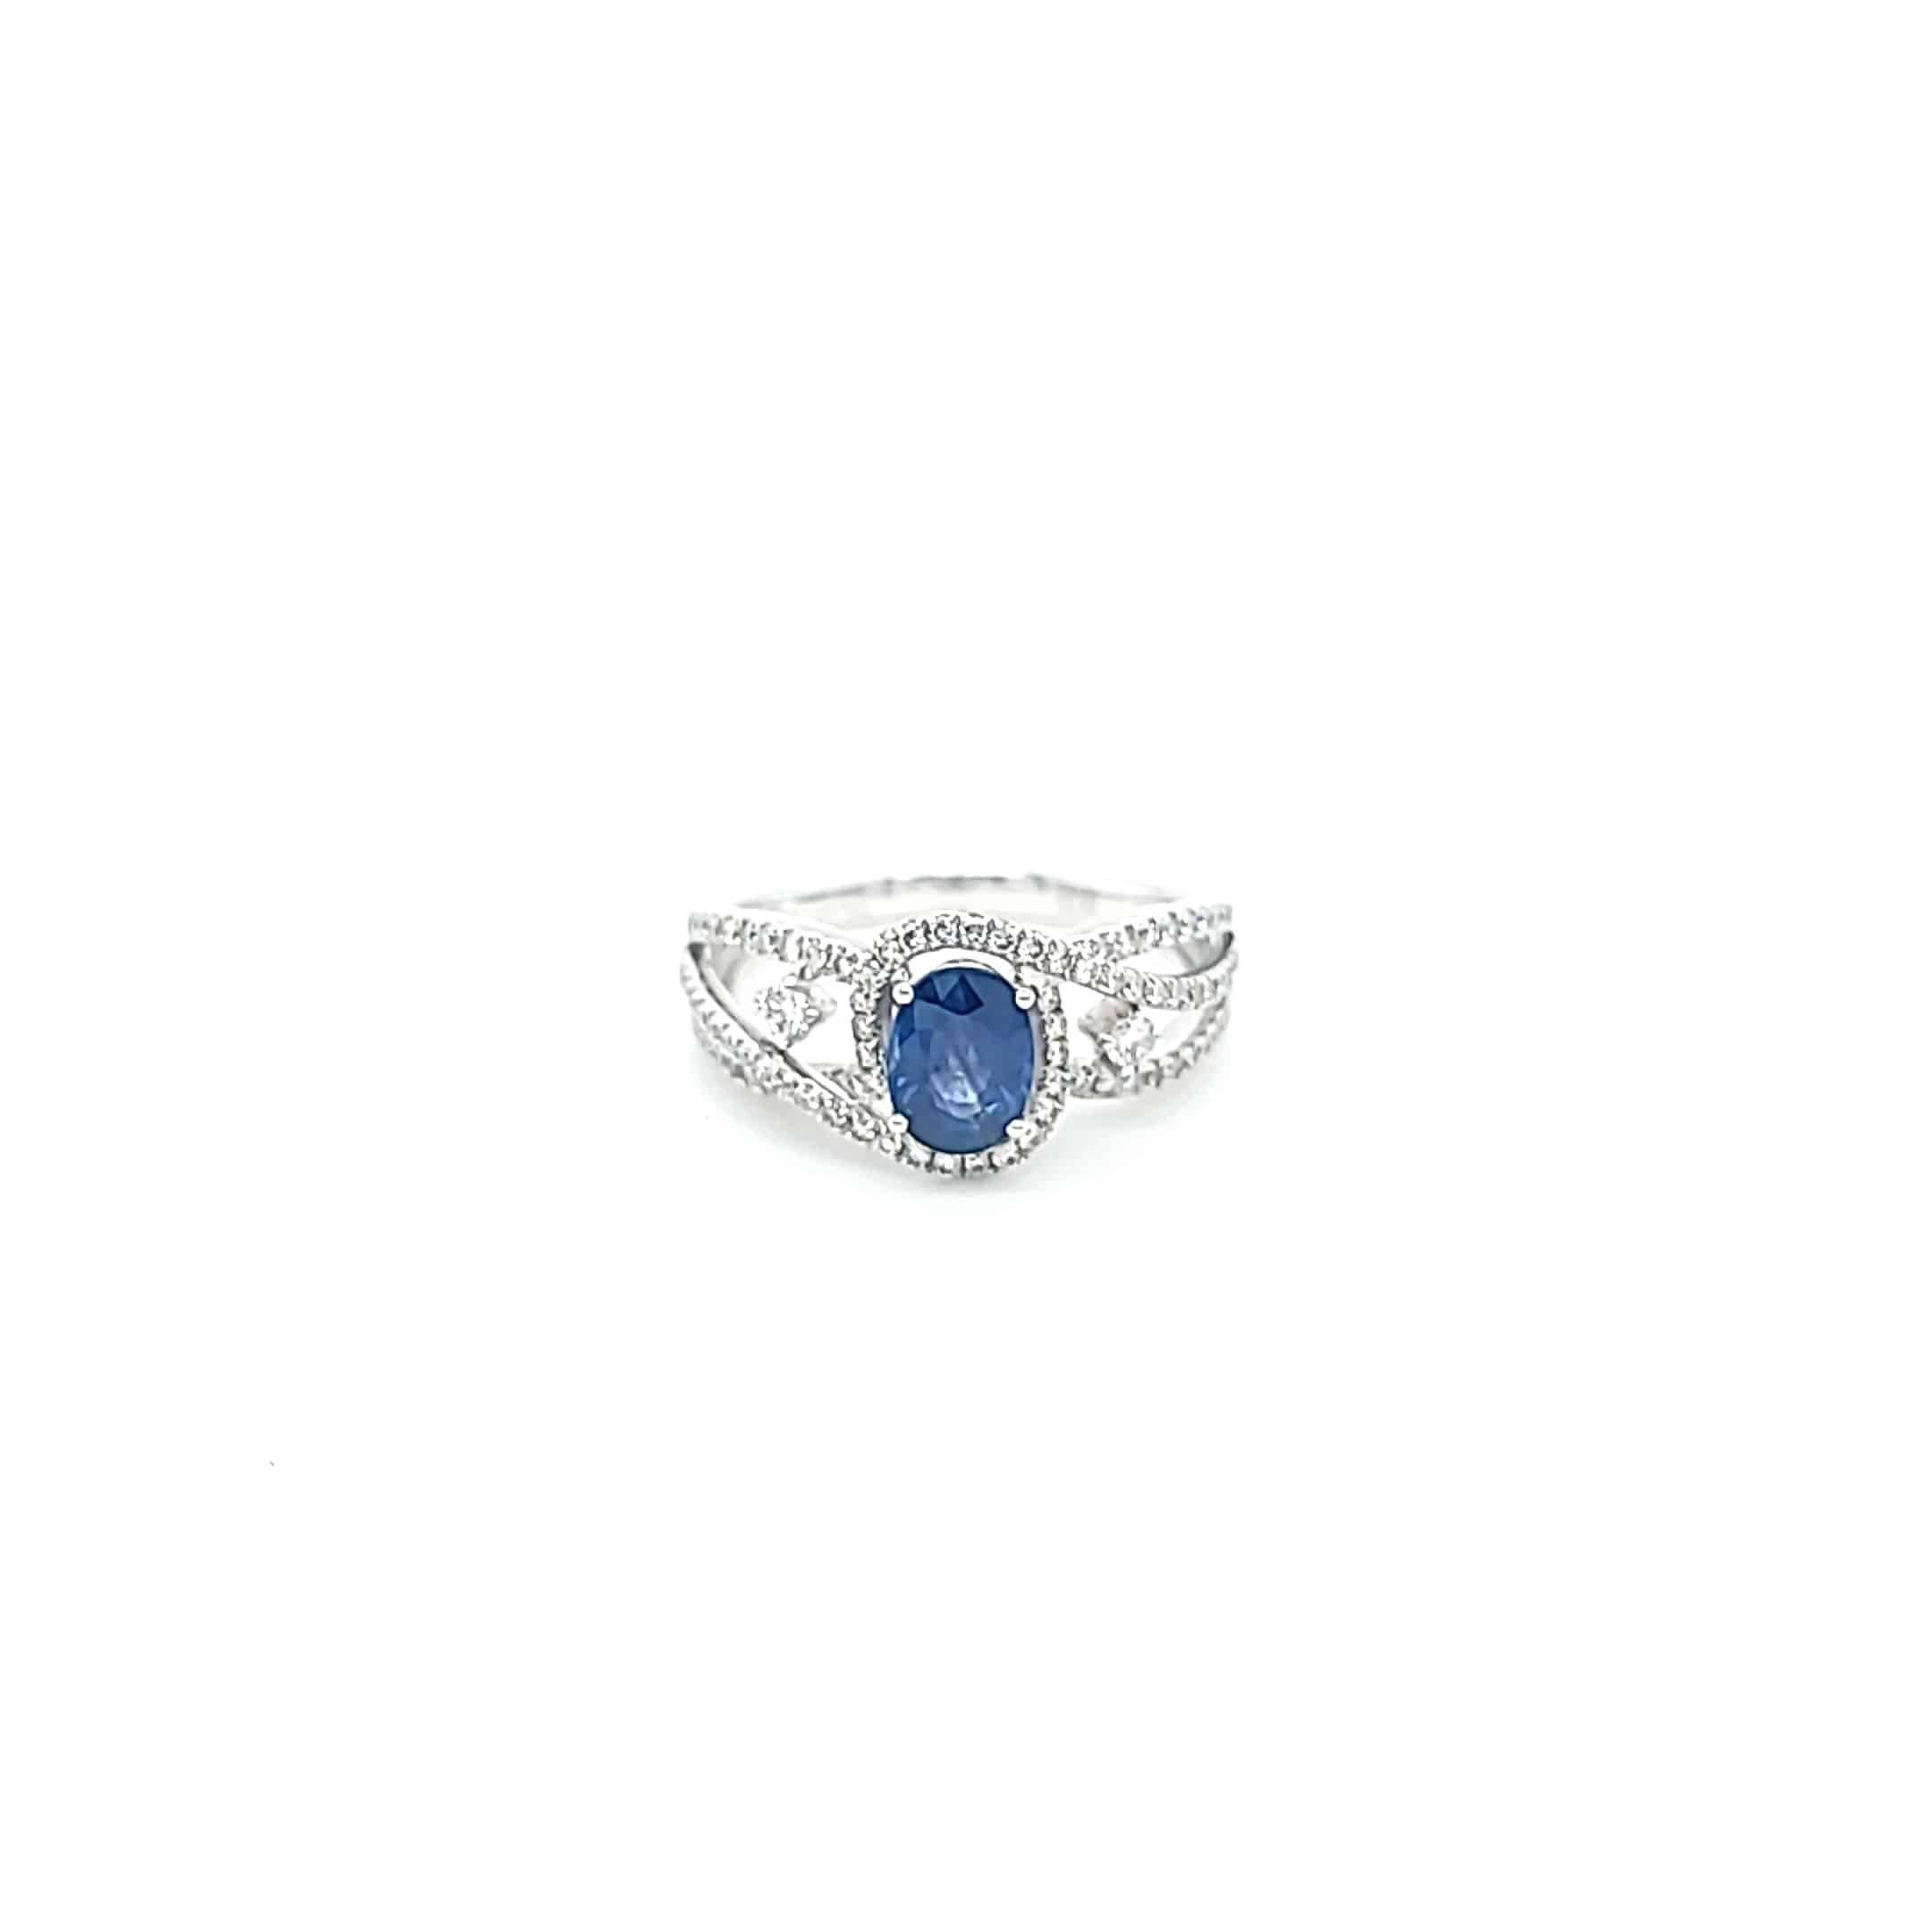 橢圓形鑽石寶石戒指